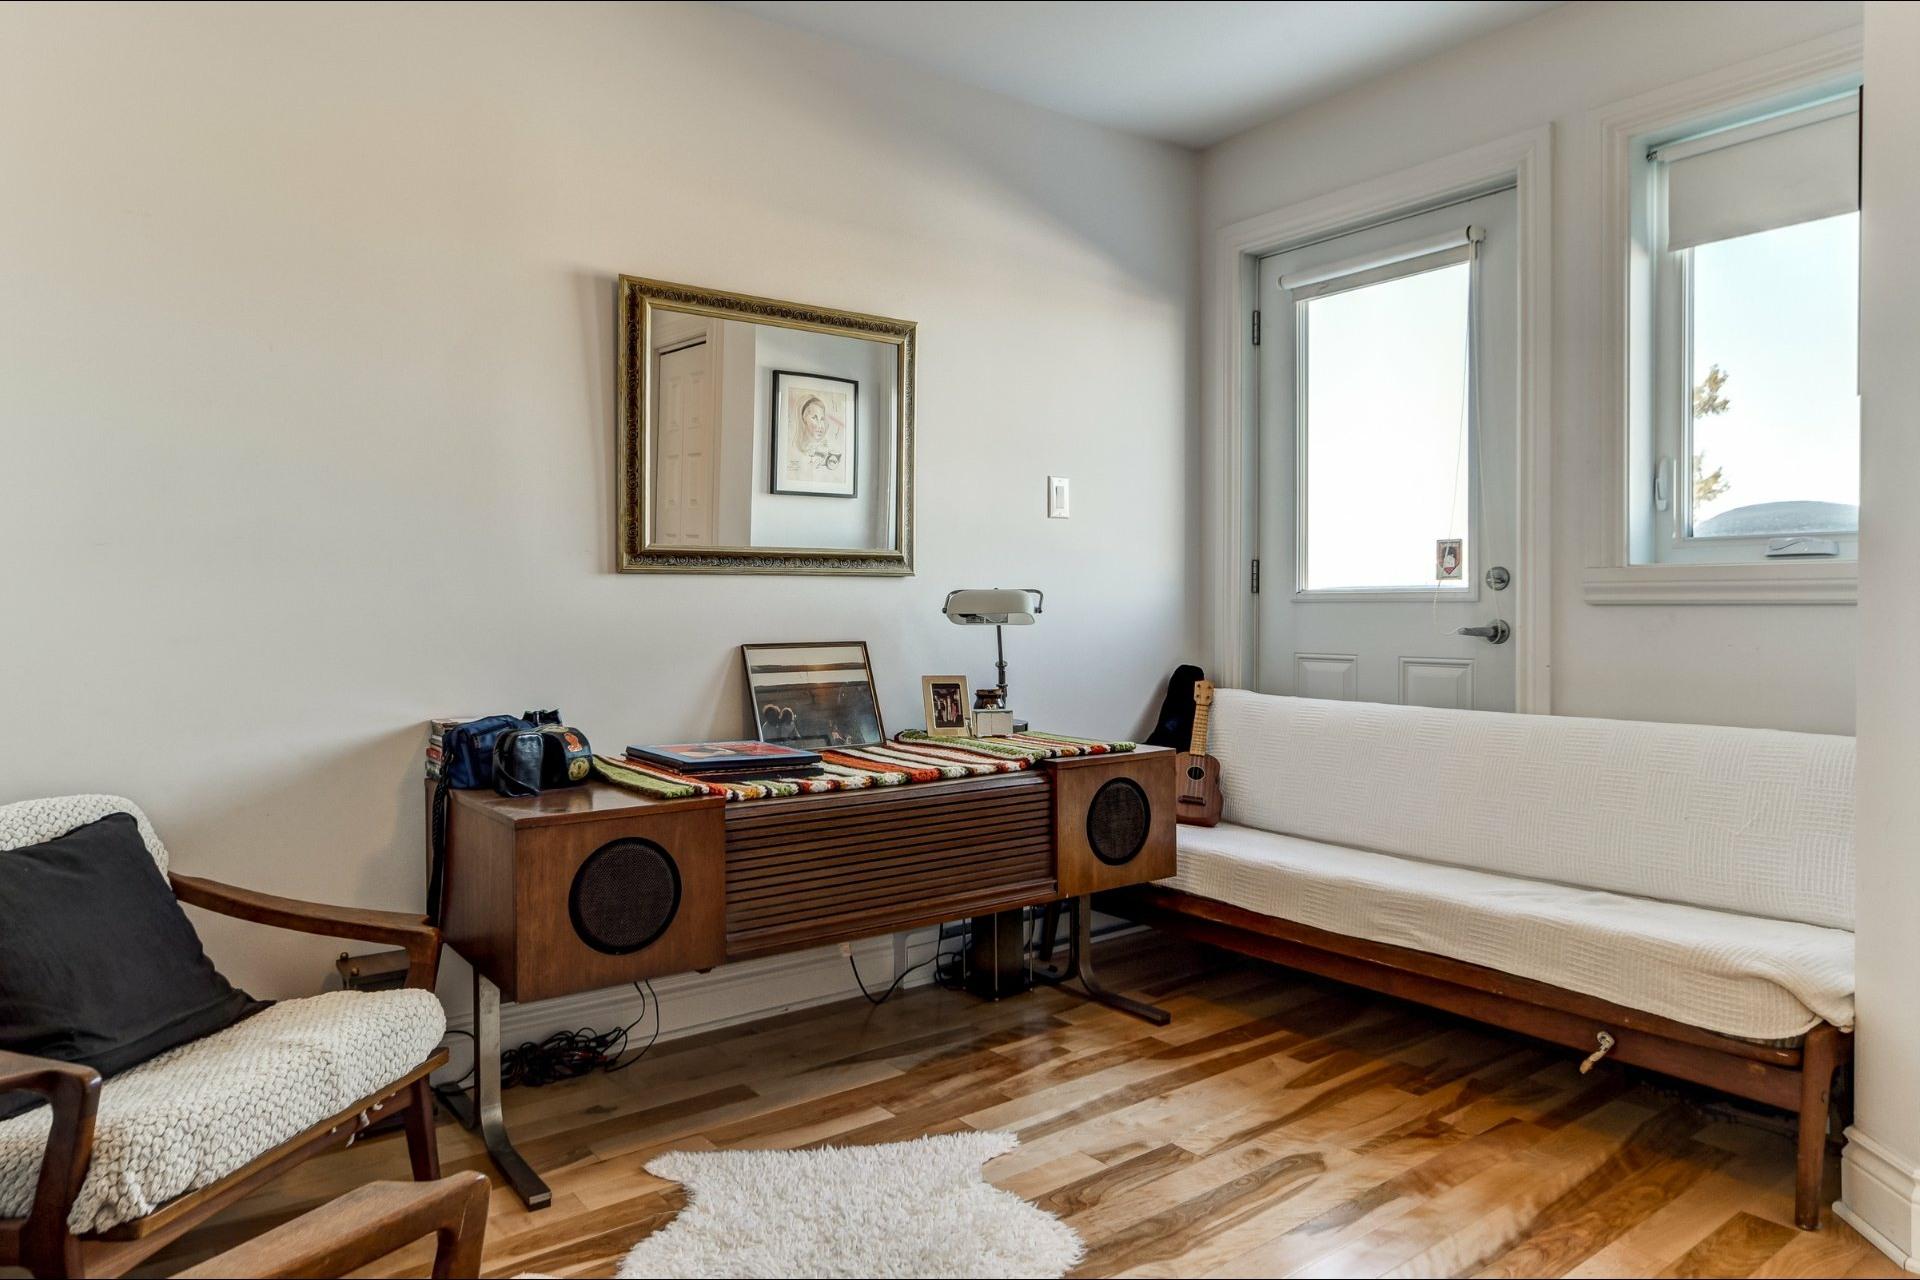 image 15 - Appartement À vendre Villeray/Saint-Michel/Parc-Extension Montréal  - 5 pièces